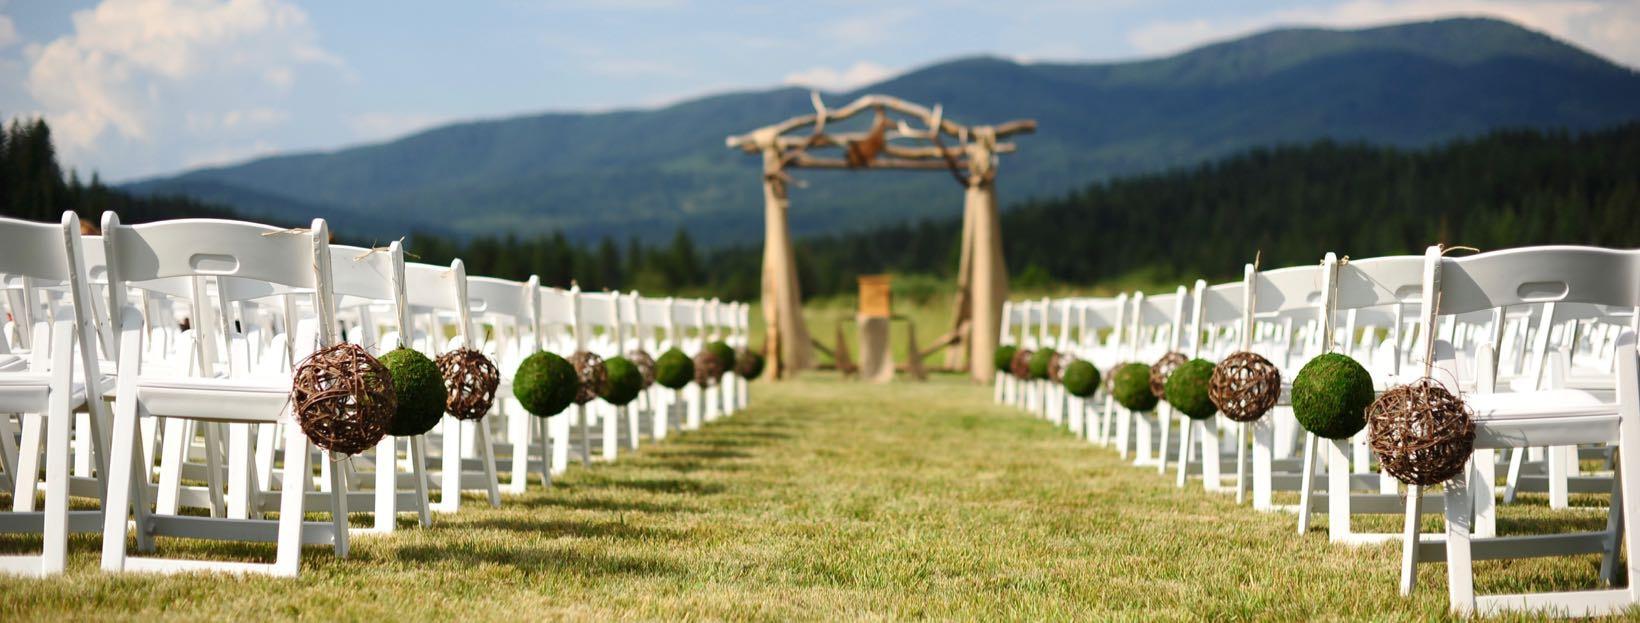 Hochzeit planen: Hochzeitszeremonie im Freien mit Stühlen und Bergkulisse